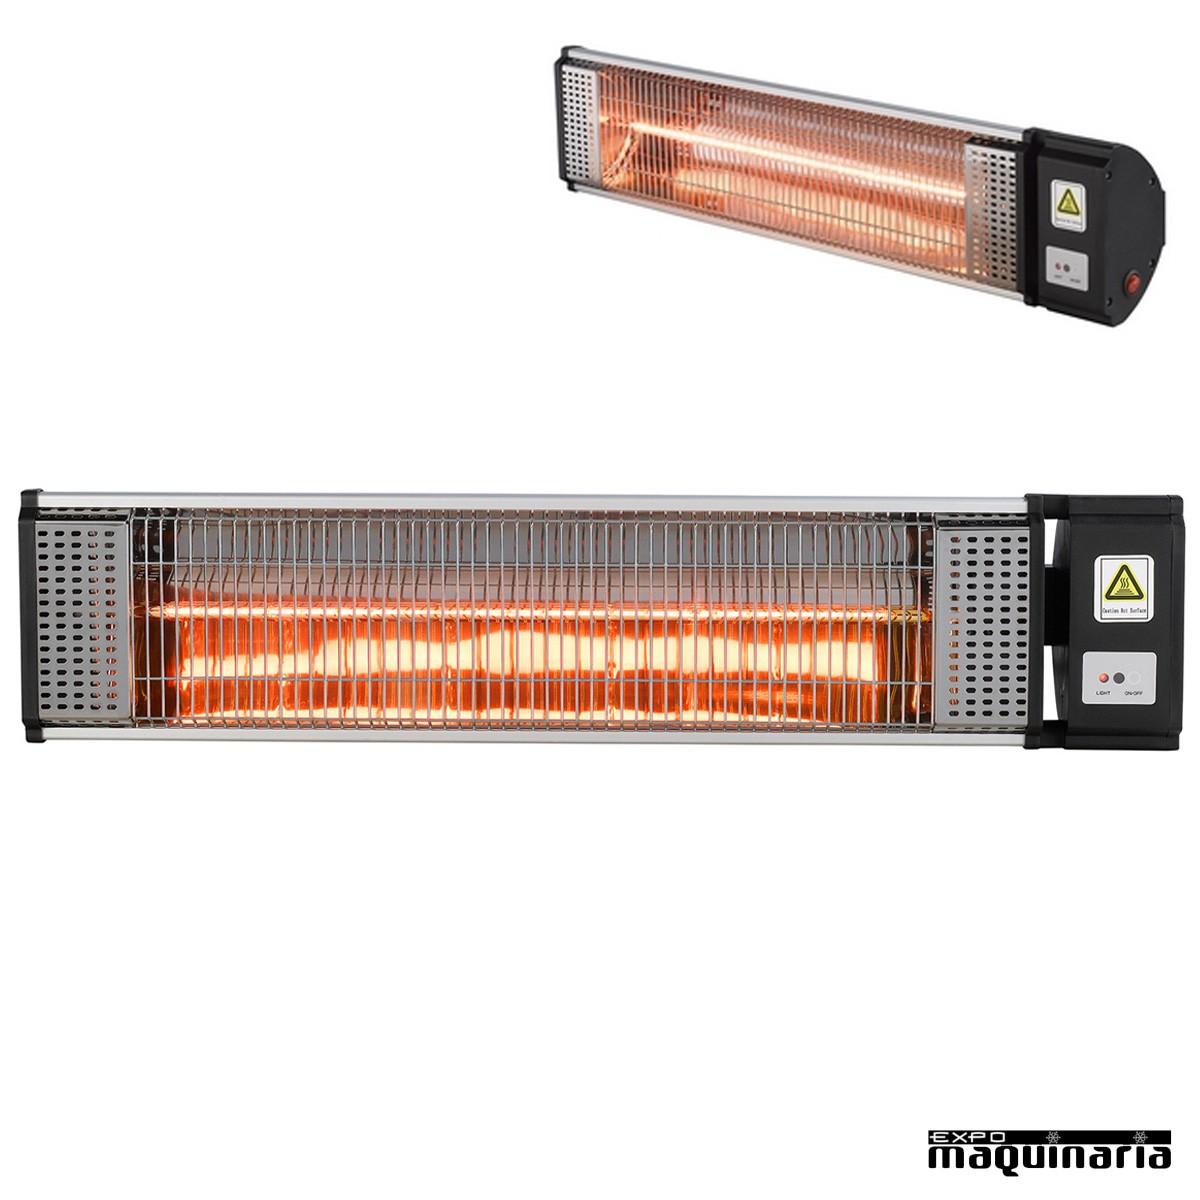 Calefactor halogeno de onda corta 9R300 con radiación infrarroja